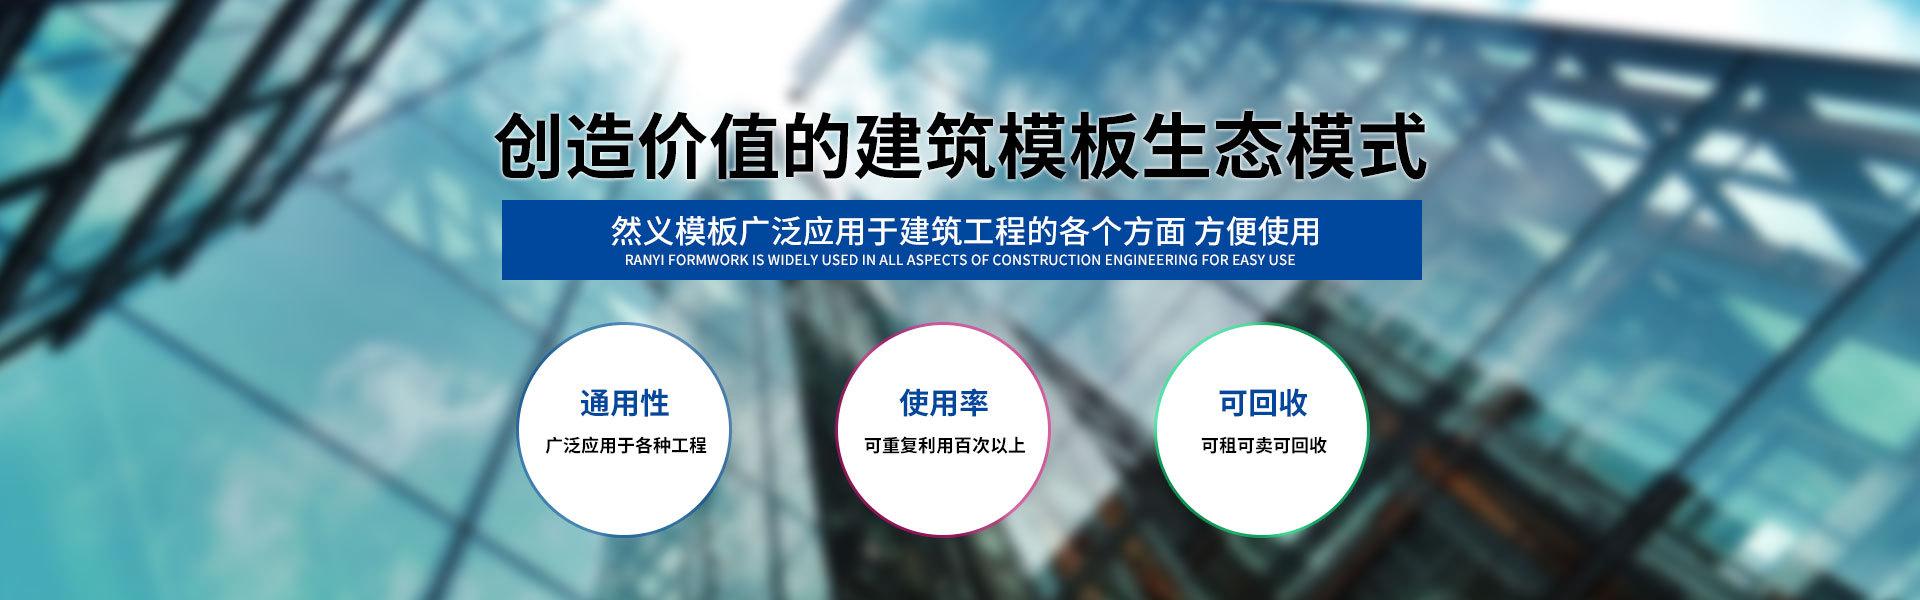 然义模板厂-常年生产山东清水模板,建筑模板厂家,清水模板厂家,山东建筑模板生产厂家